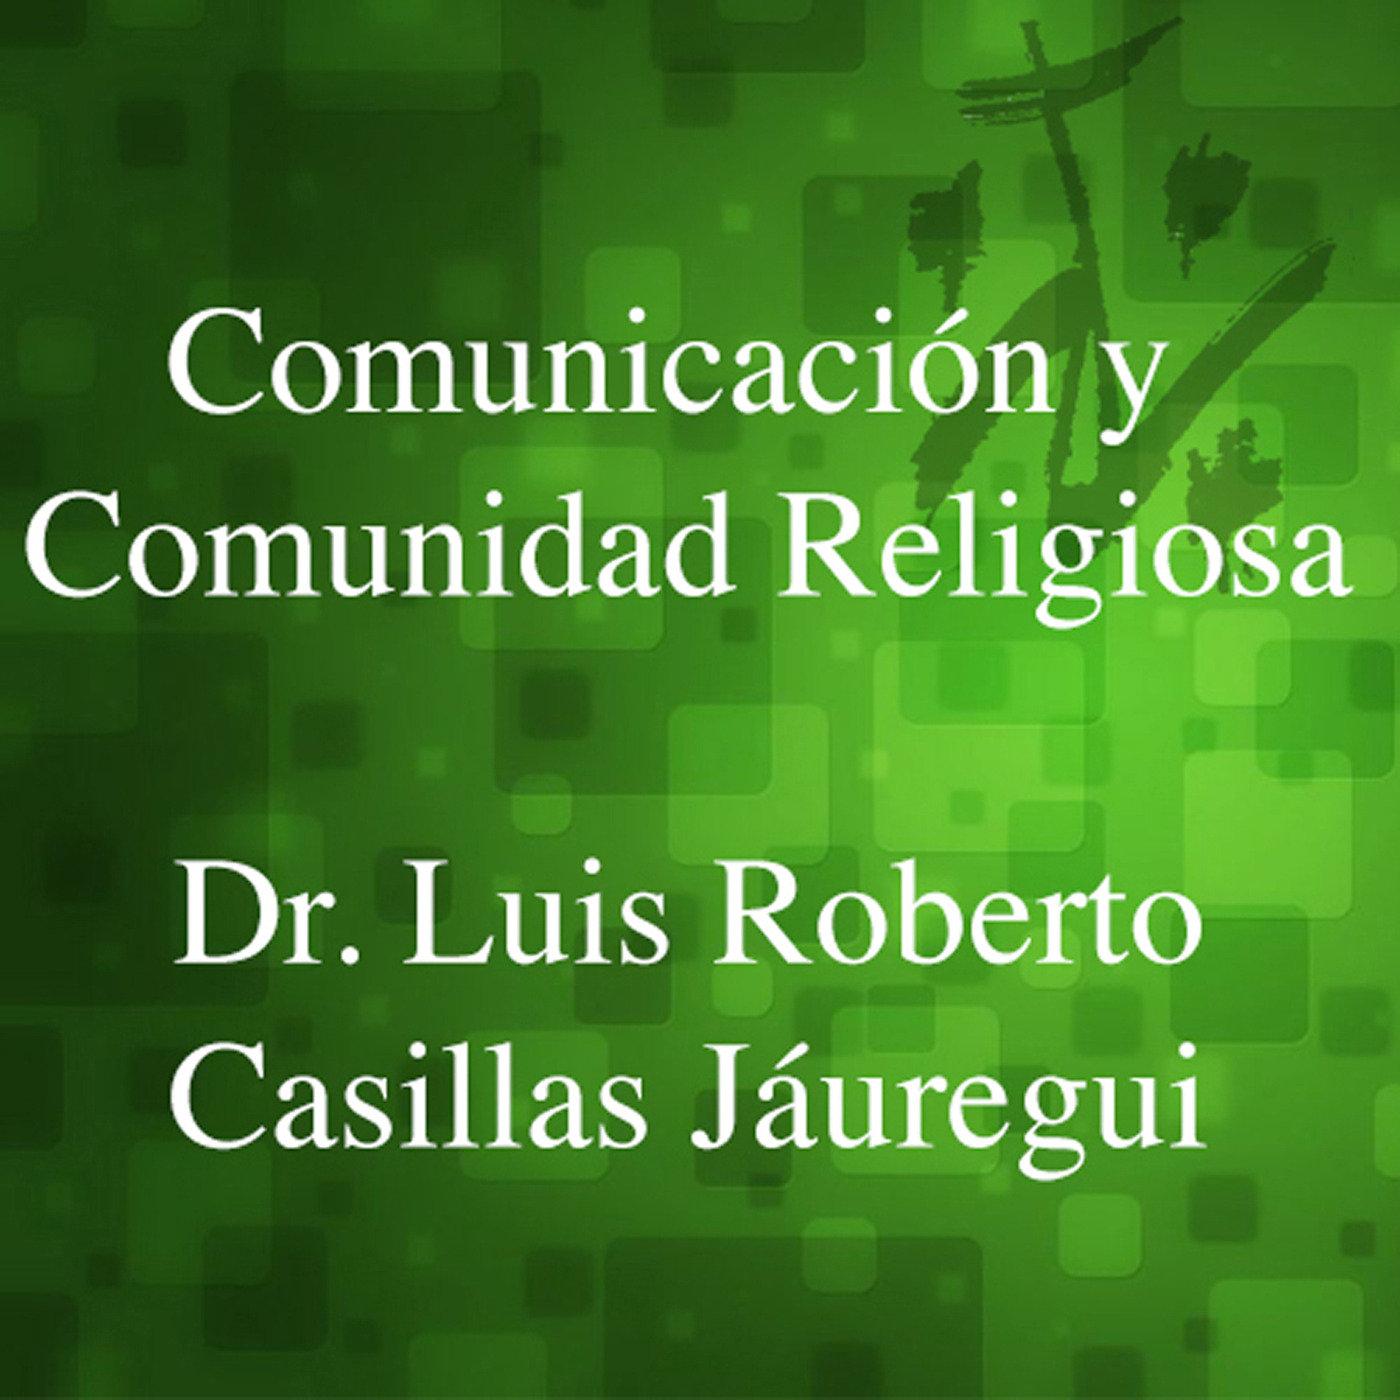 <![CDATA[Comunicación y comunidad - Dr. Luis Roberto Casill]]>